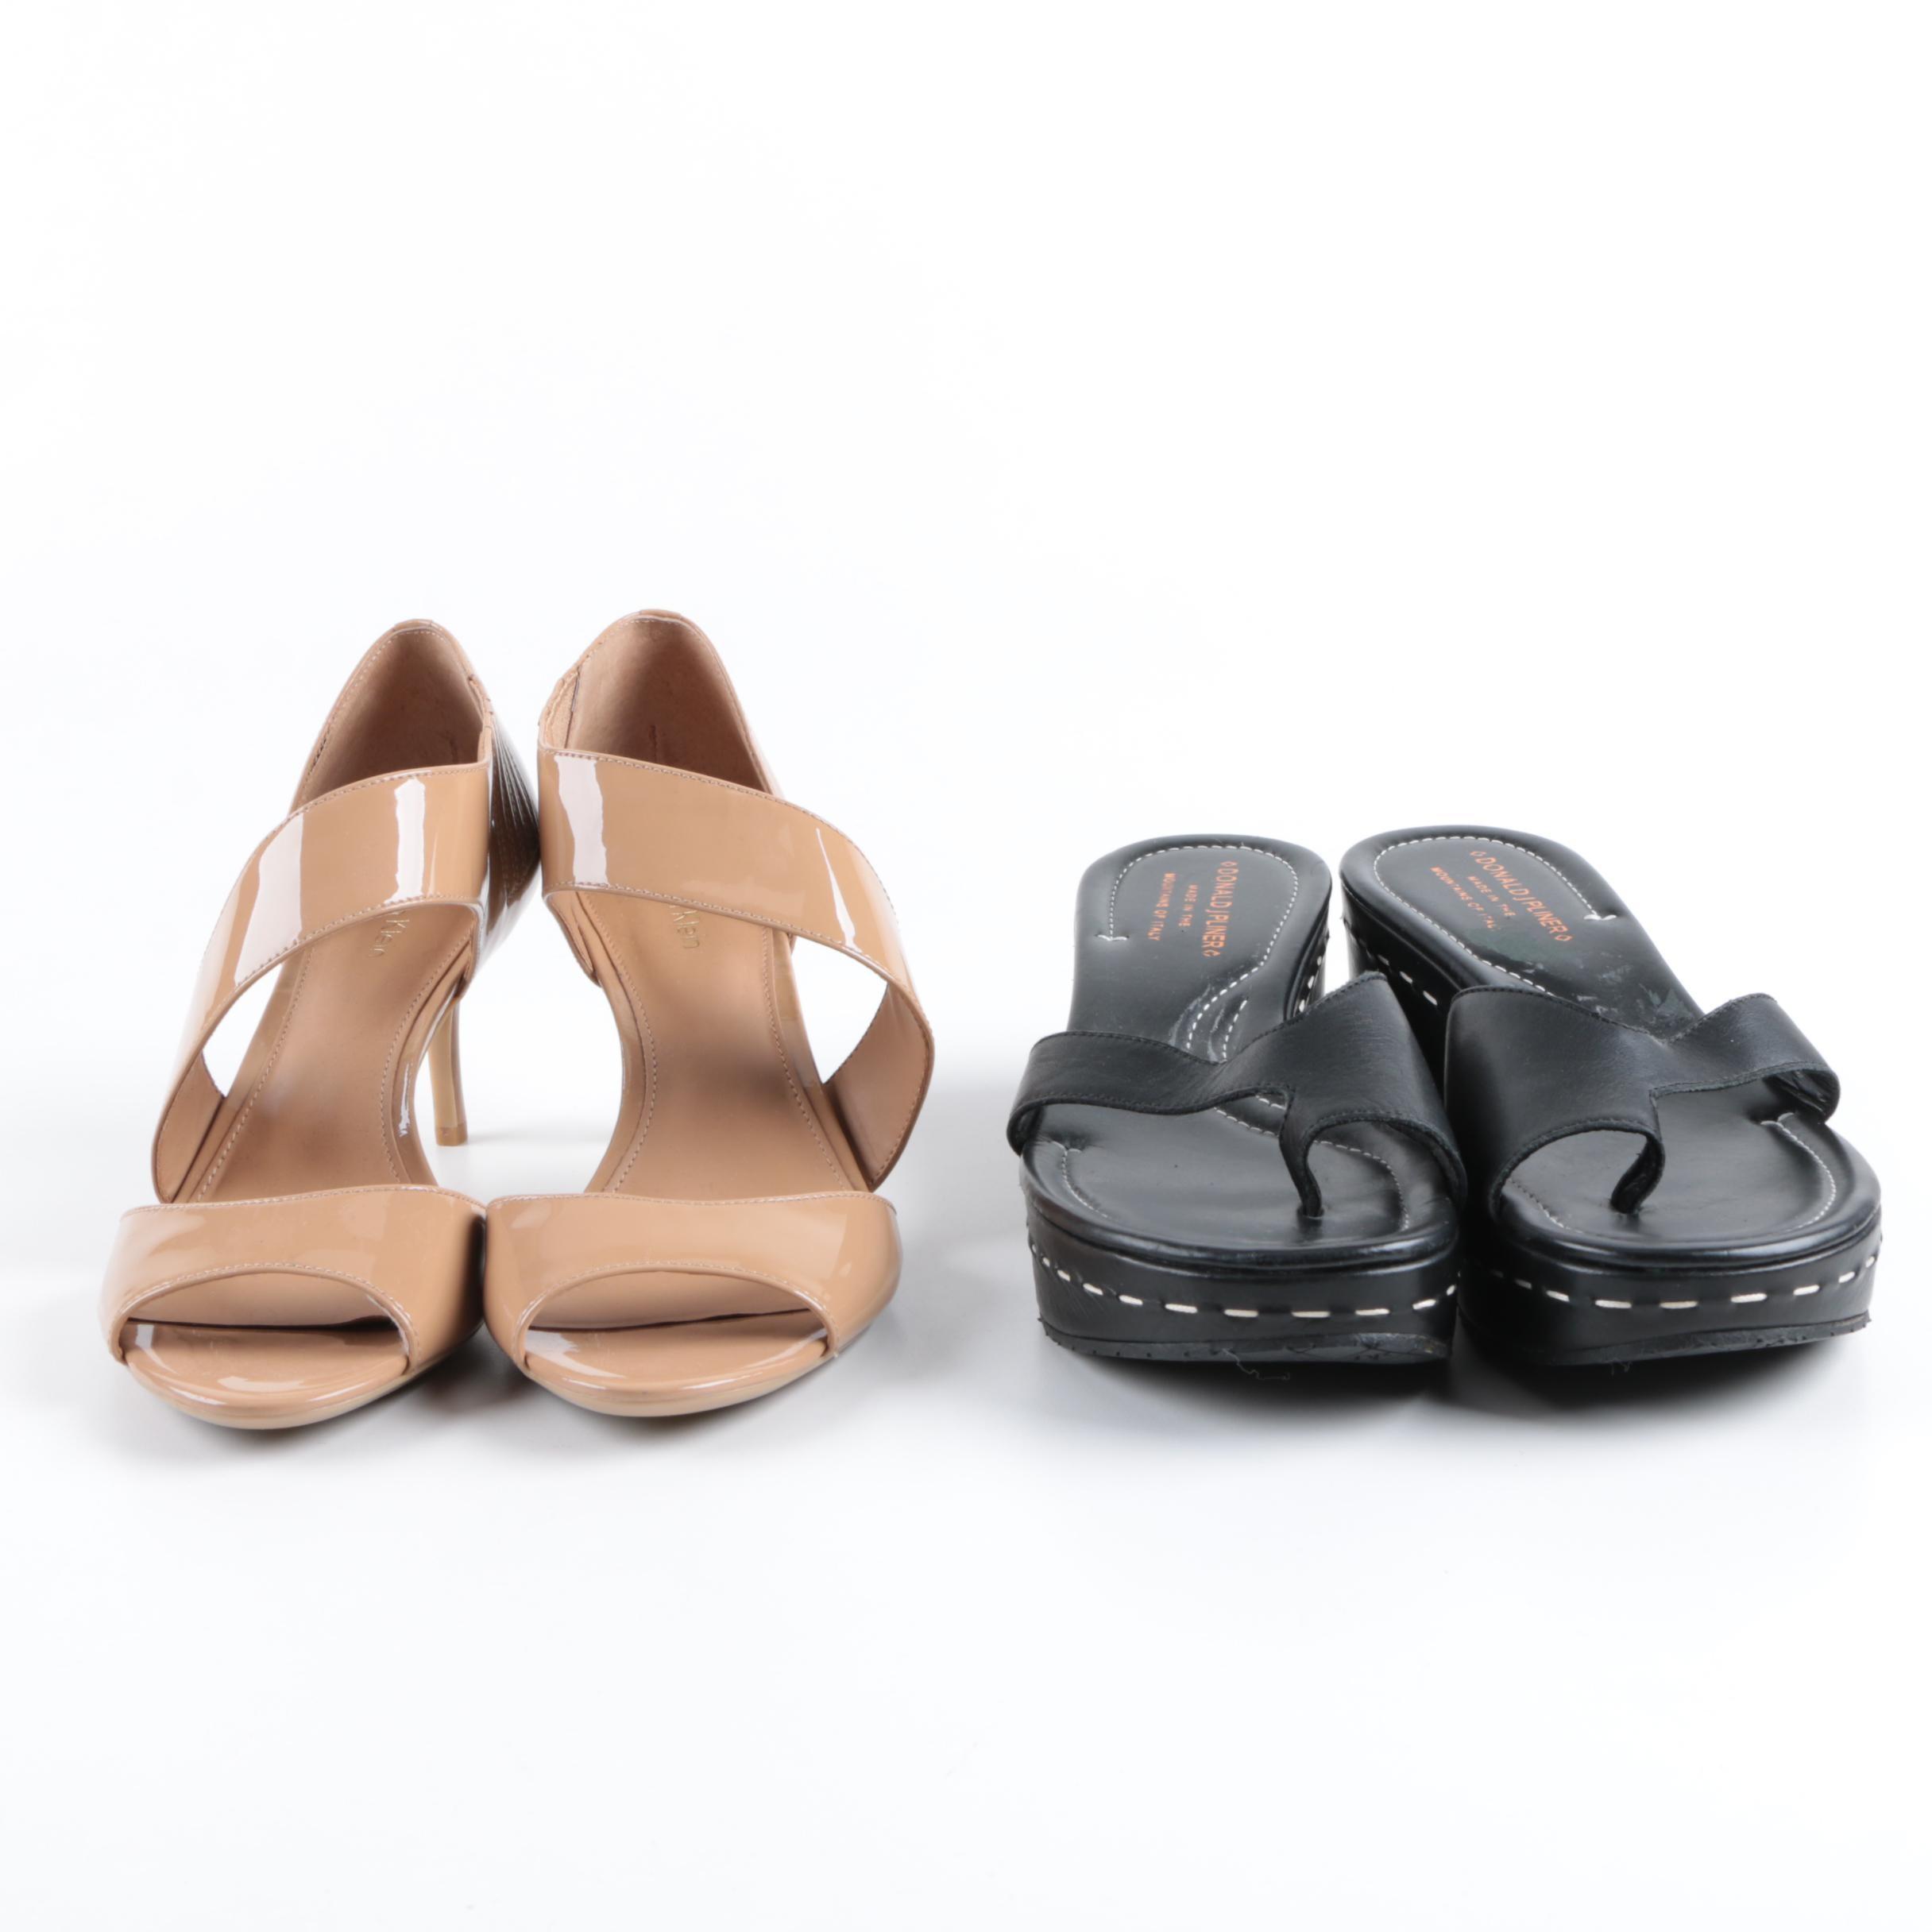 Calvin Klein Heels and Donald J Pliner Wedge Sandals